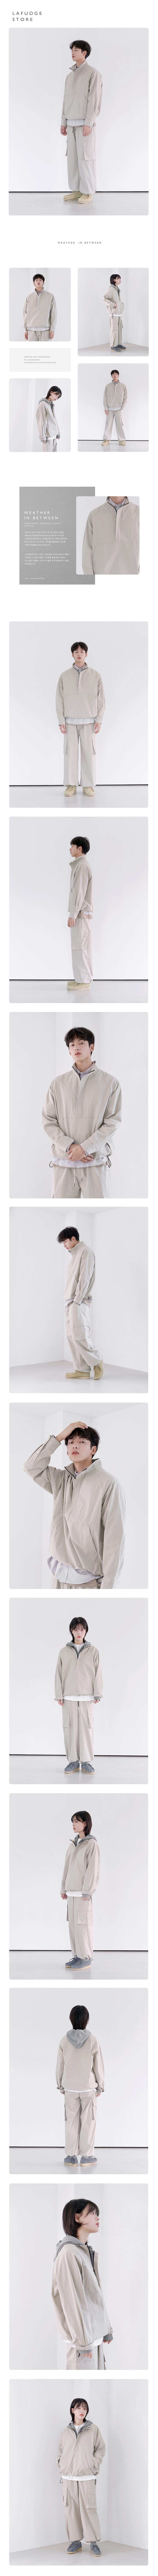 라퍼지스토어(LAFUDGESTORE) [FW ver.]오디너리 아노락 셔츠자켓_Smoke Gray